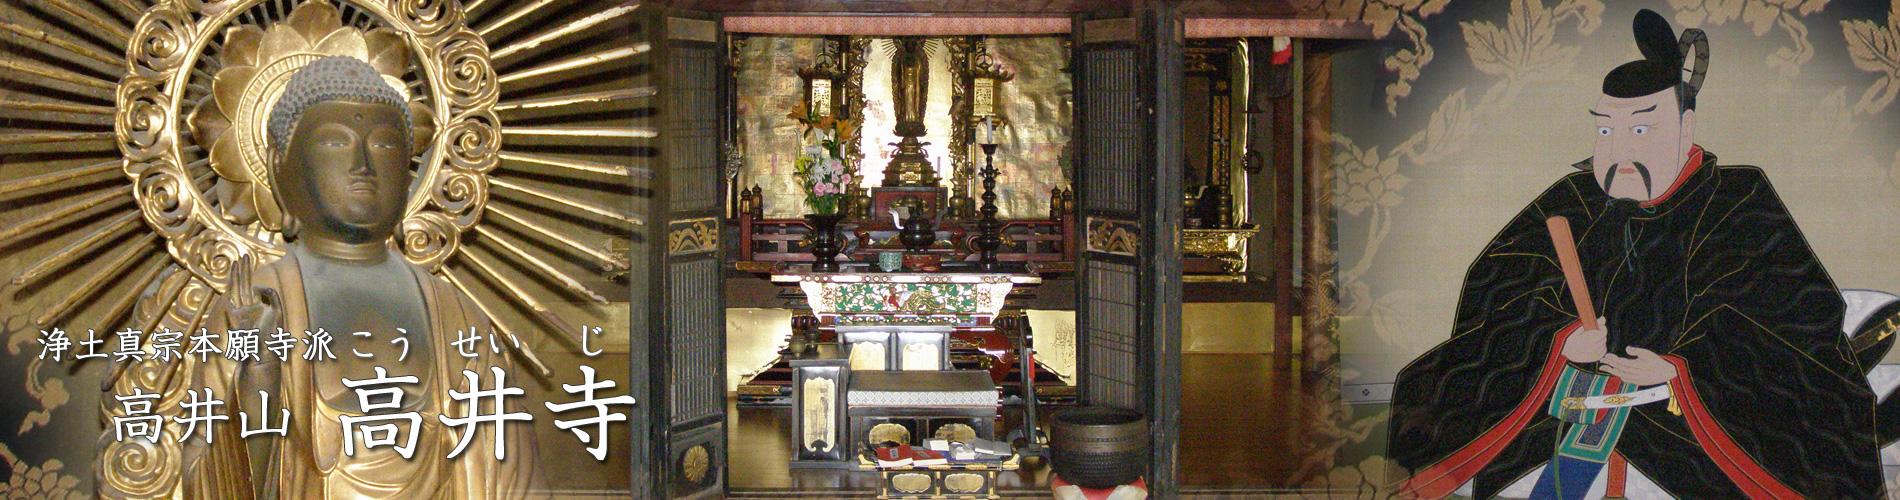 高井寺(こうせいじ)